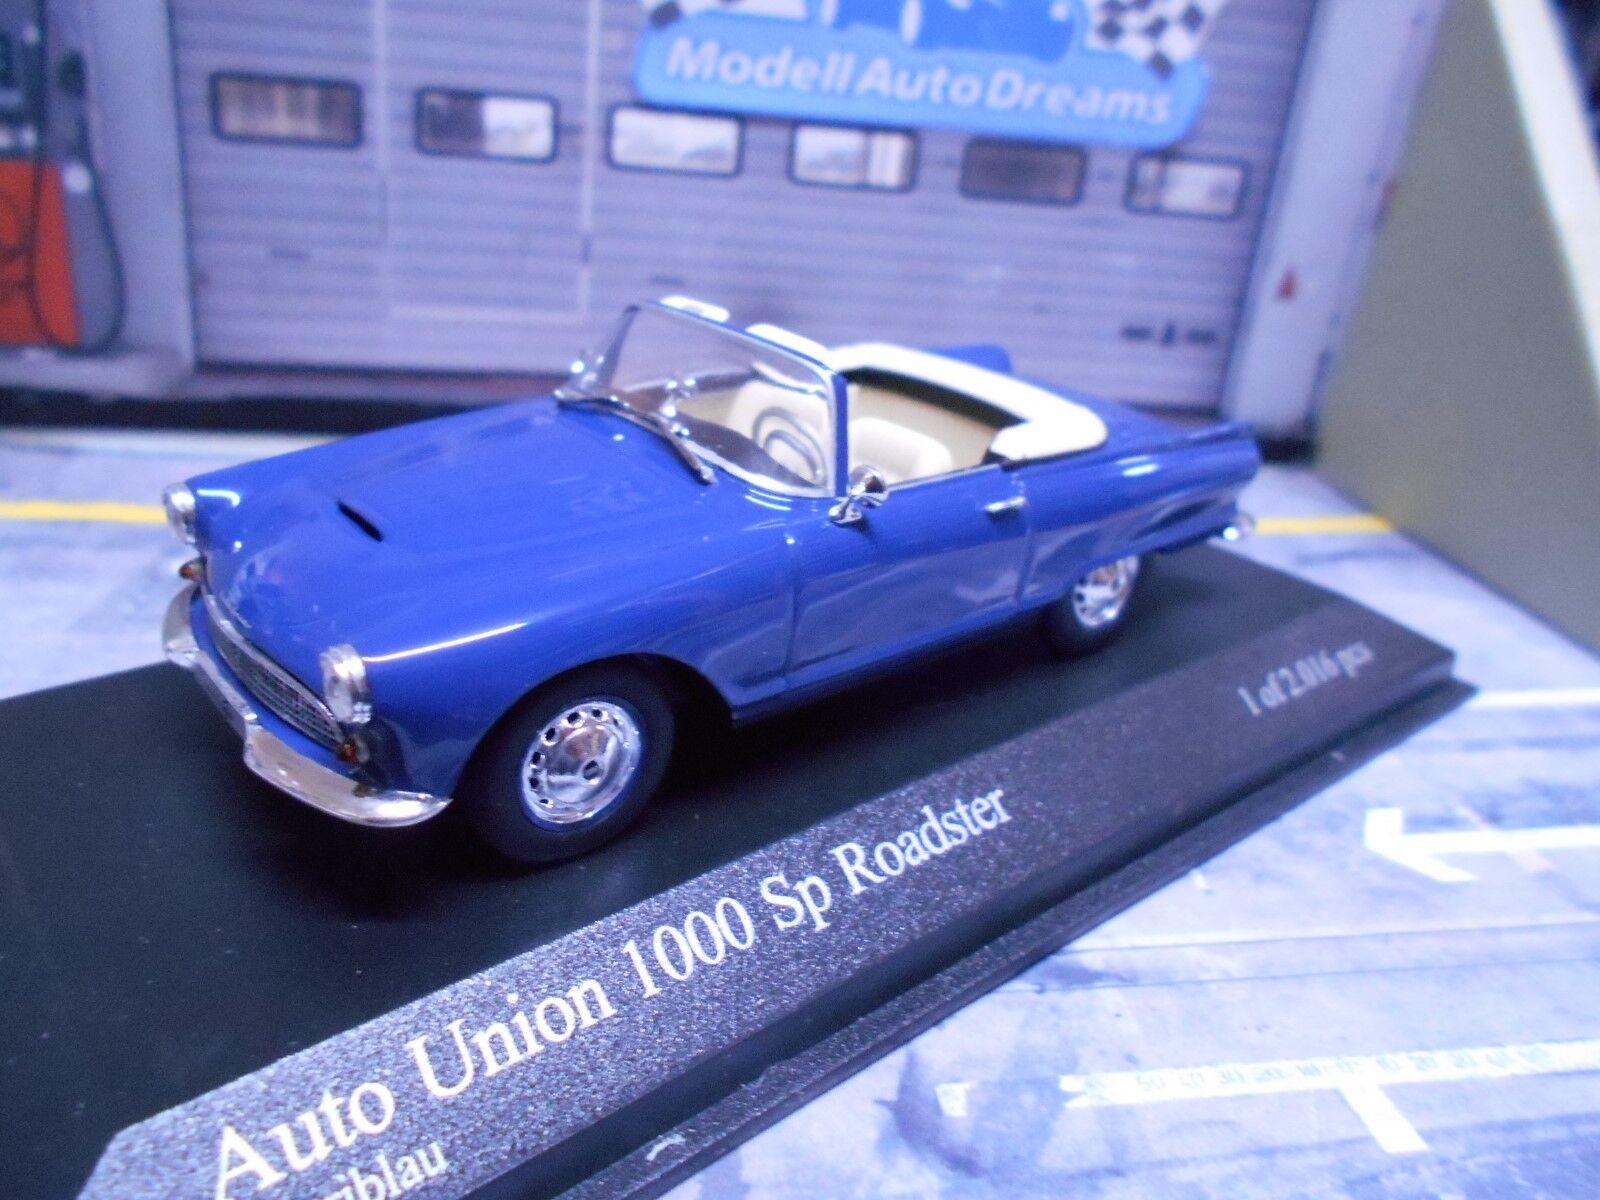 DKW AUDI Auto union 1000sp 1000 sp roadster cabriolet bleu 1958 Minichamps 1 43